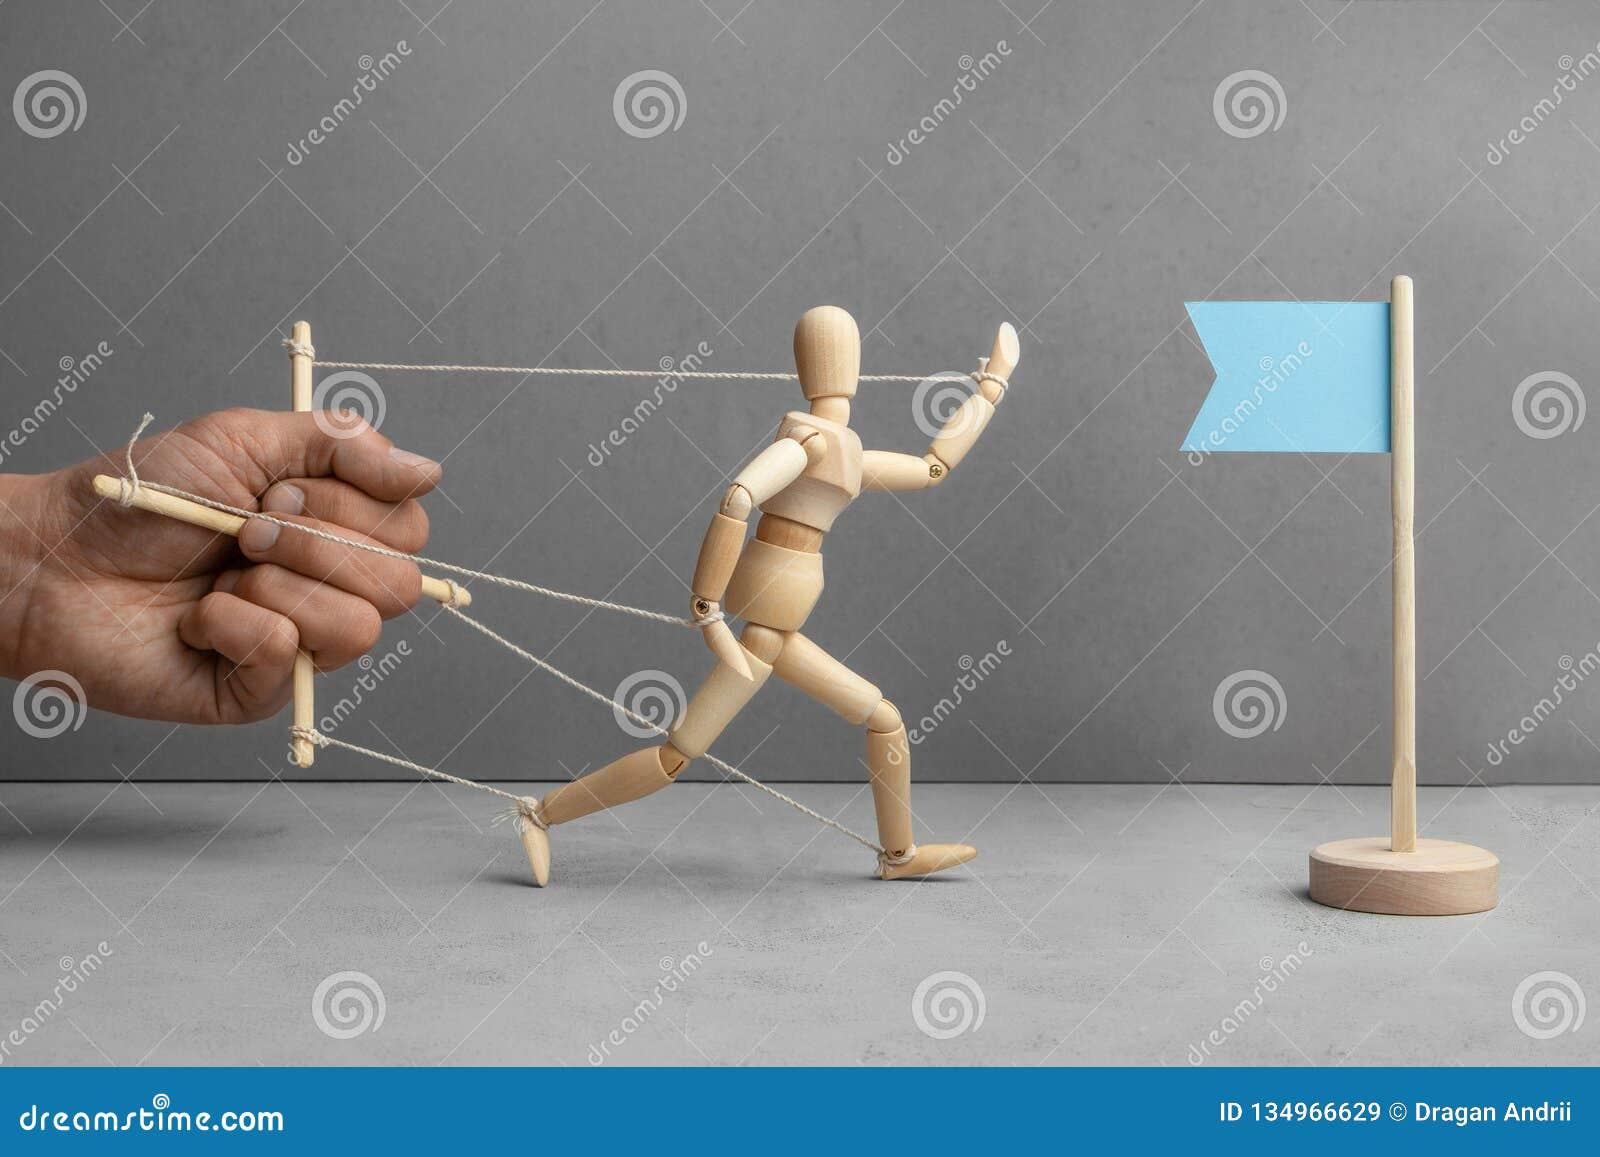 Barriere e deduzioni sul modo allo scopo Il burattinaio tiene la bambola e non lascia la bandiera come simbolo dello scopo